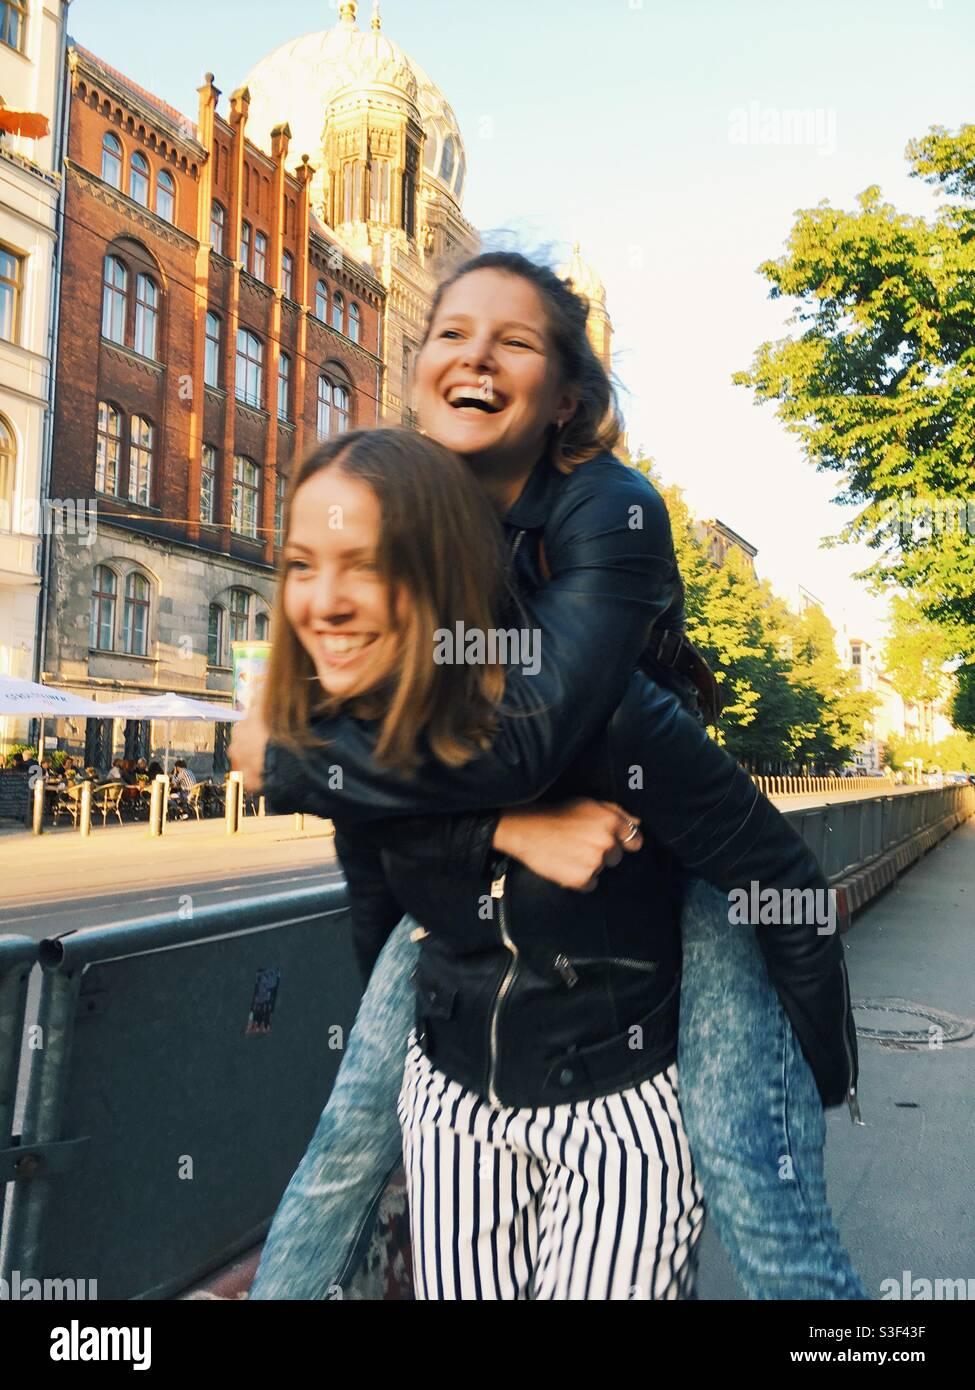 Ragazze piggybacking e ridendo Foto Stock